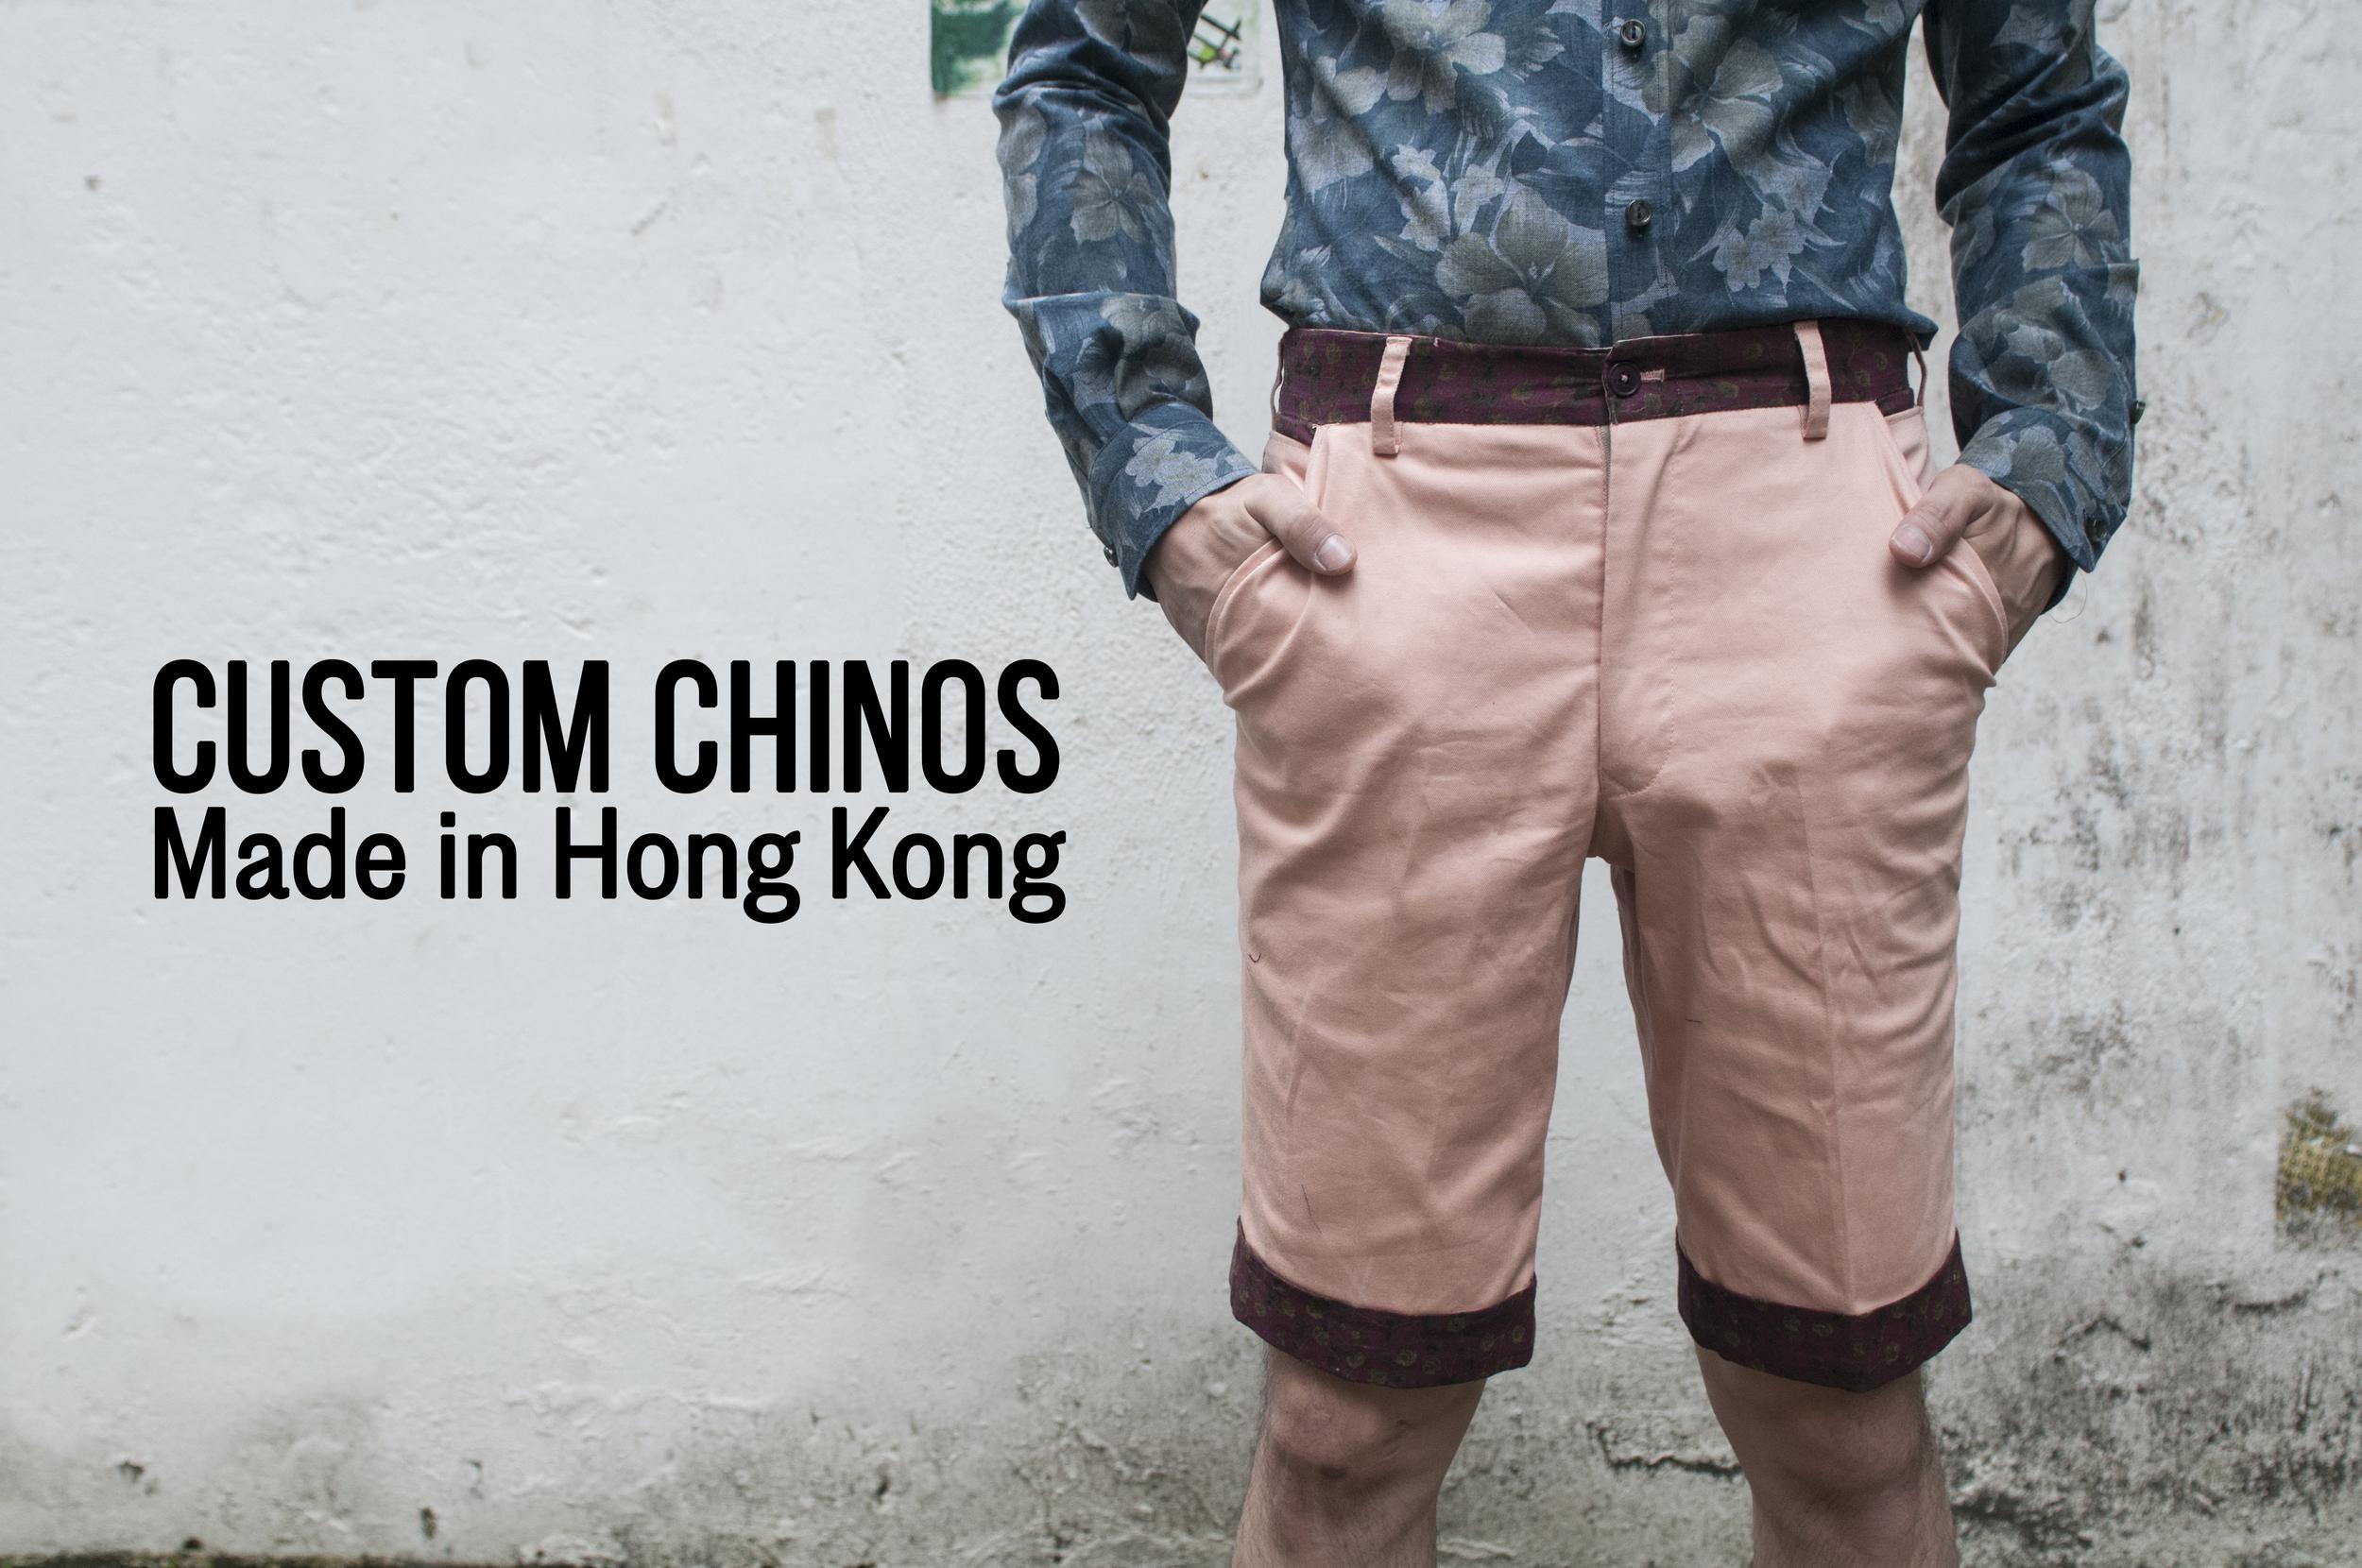 Chino cover.jpg